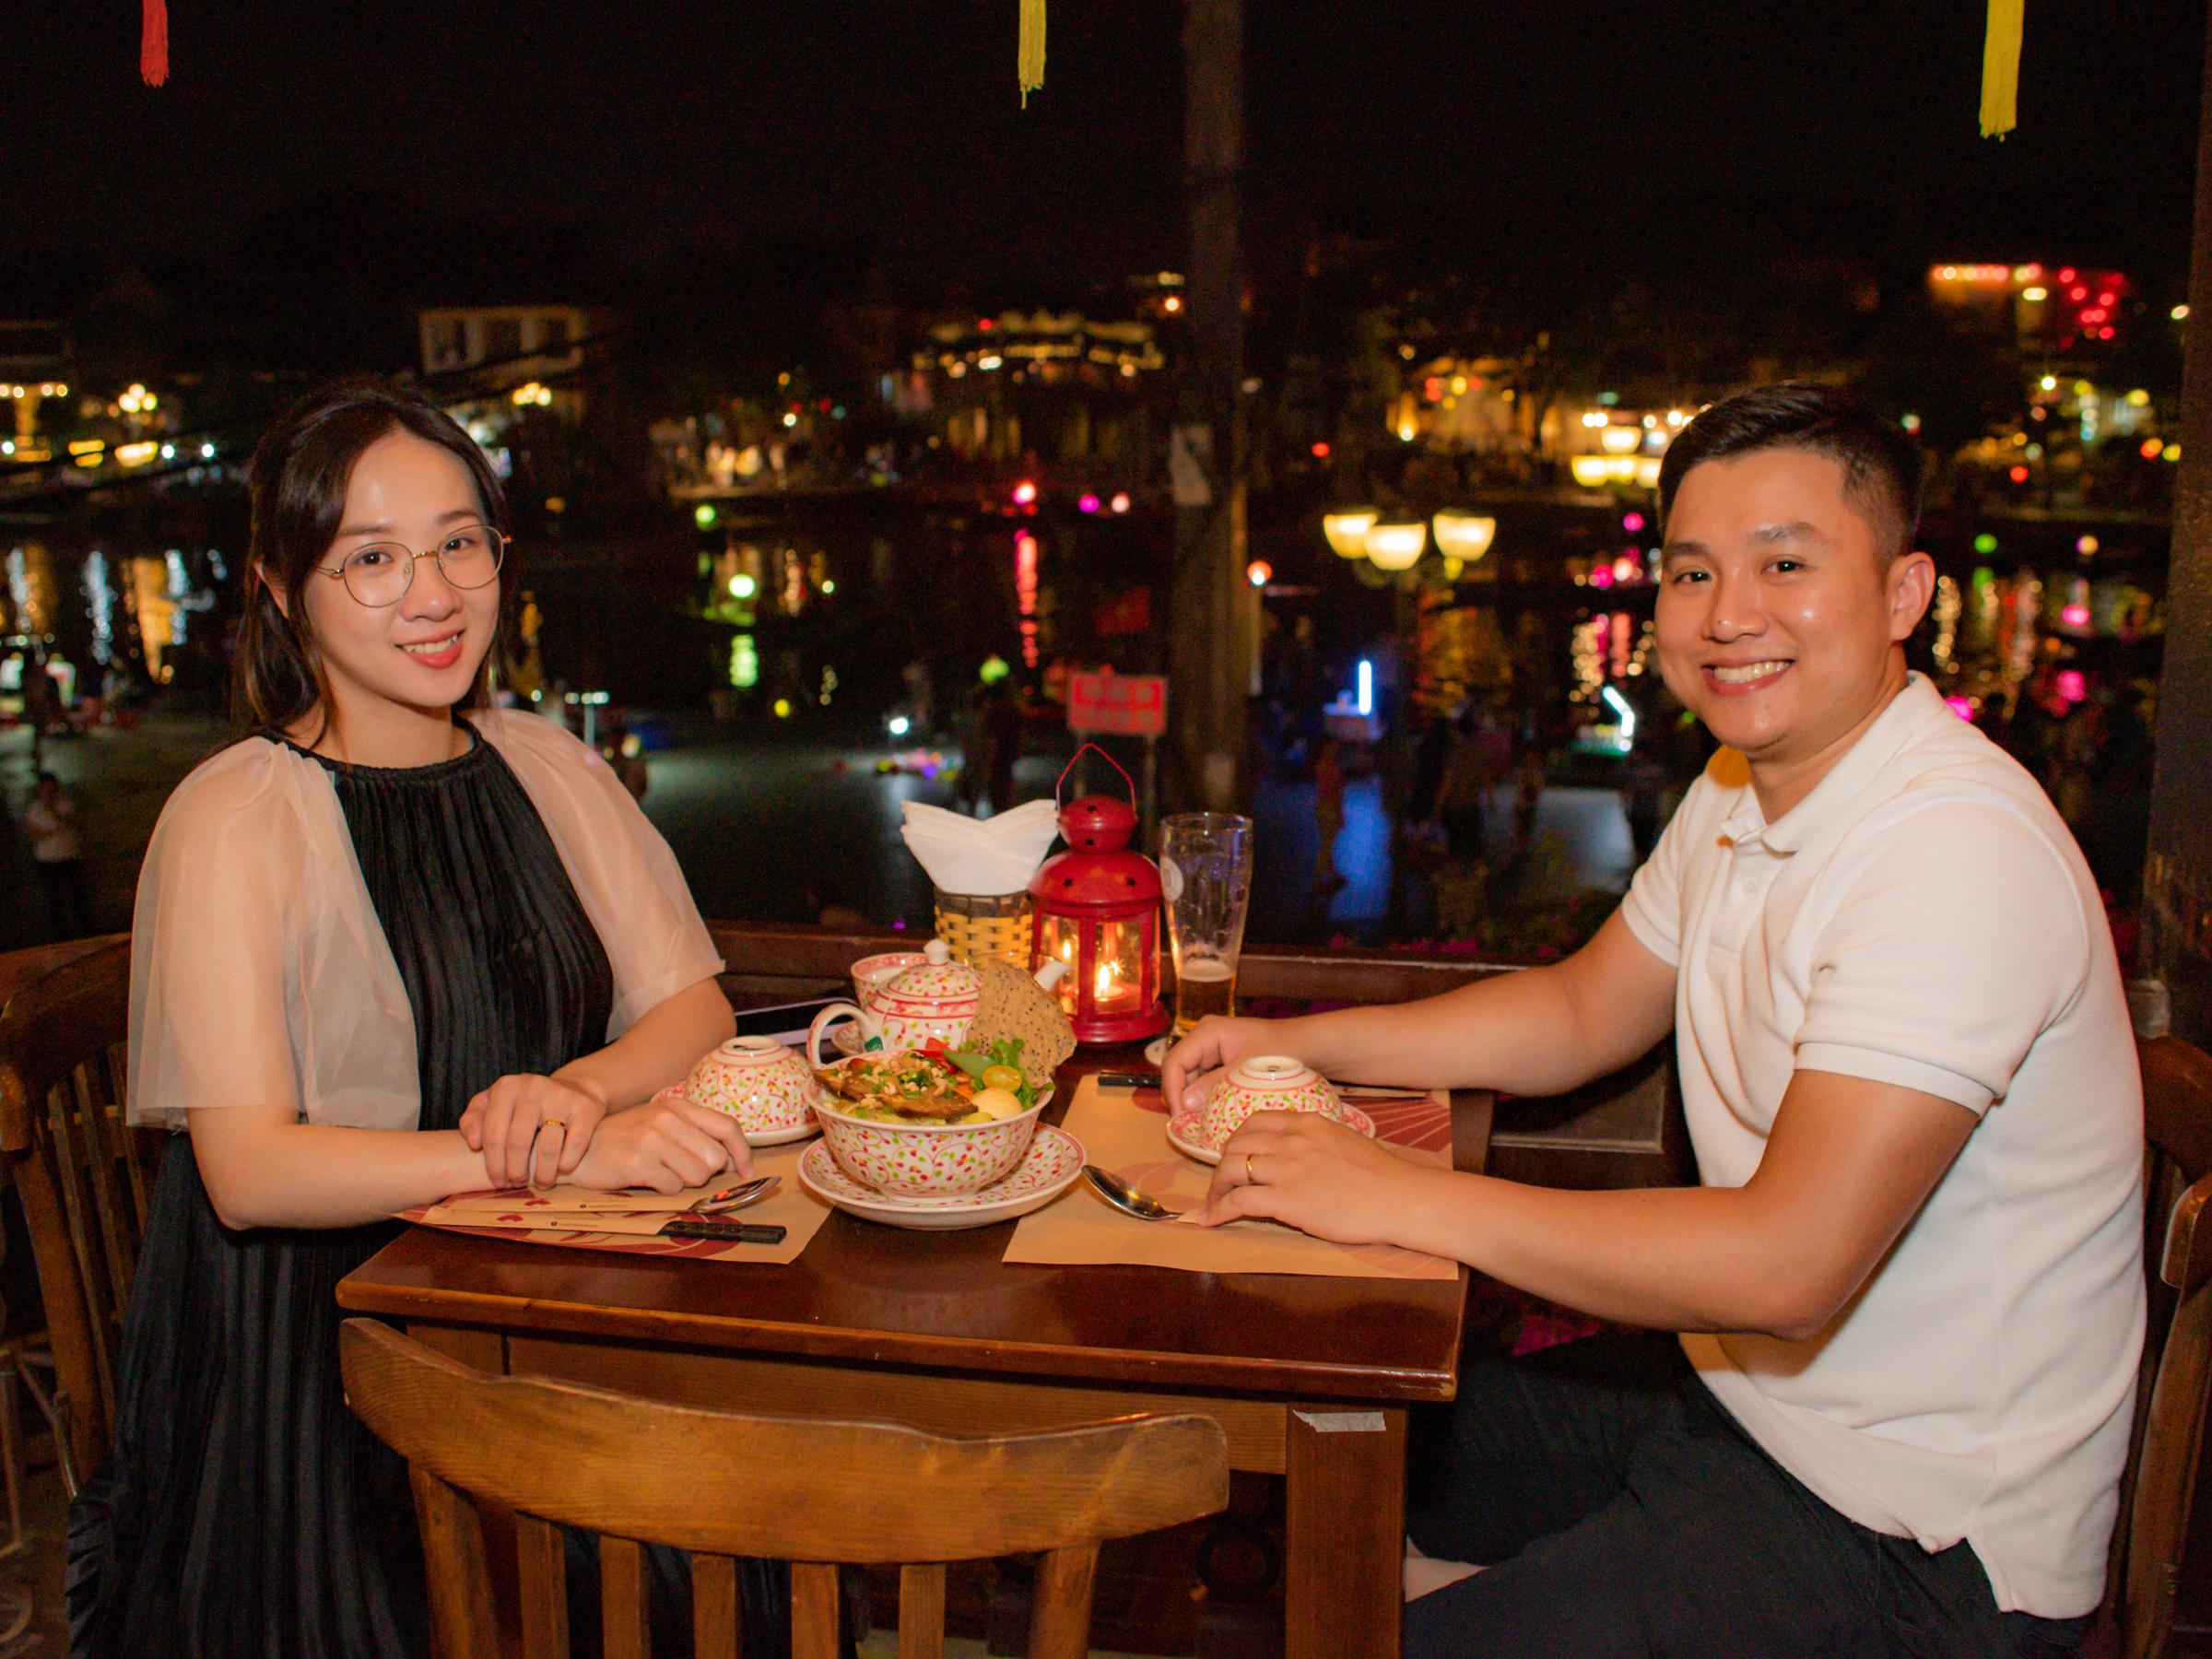 Món ăn, thức uống ngon; ngắm phố phường và dòng sông Hoài thơ mộng tại Madam Kiều thu hút du khách đến Madam Kiều.